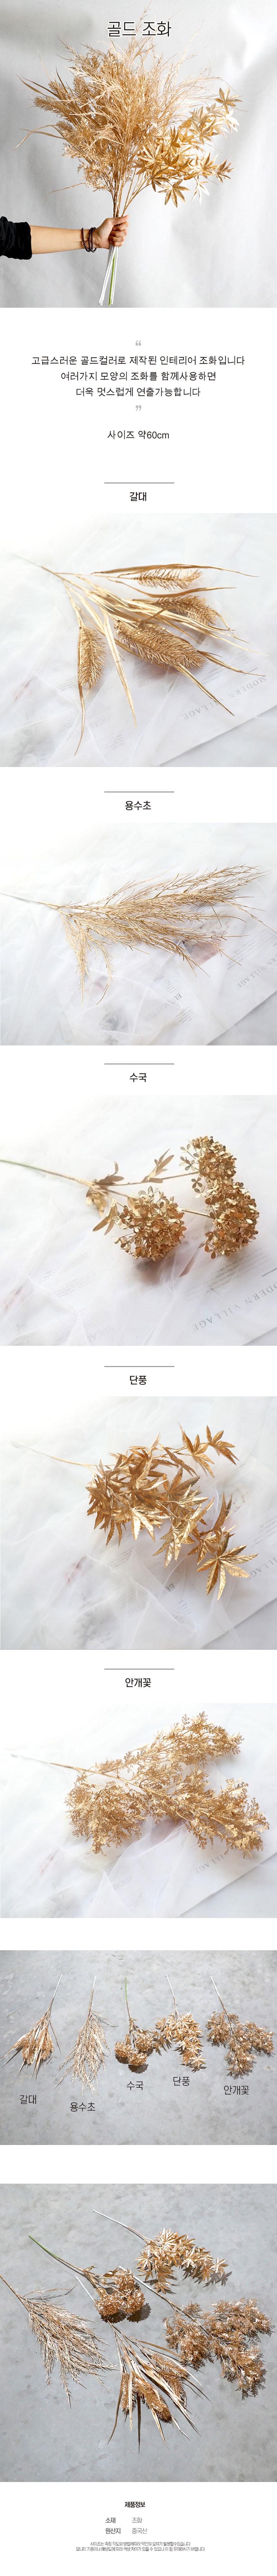 조화 인테리어 골드조화 - 사인모아, 8,000원, 조화, 부쉬